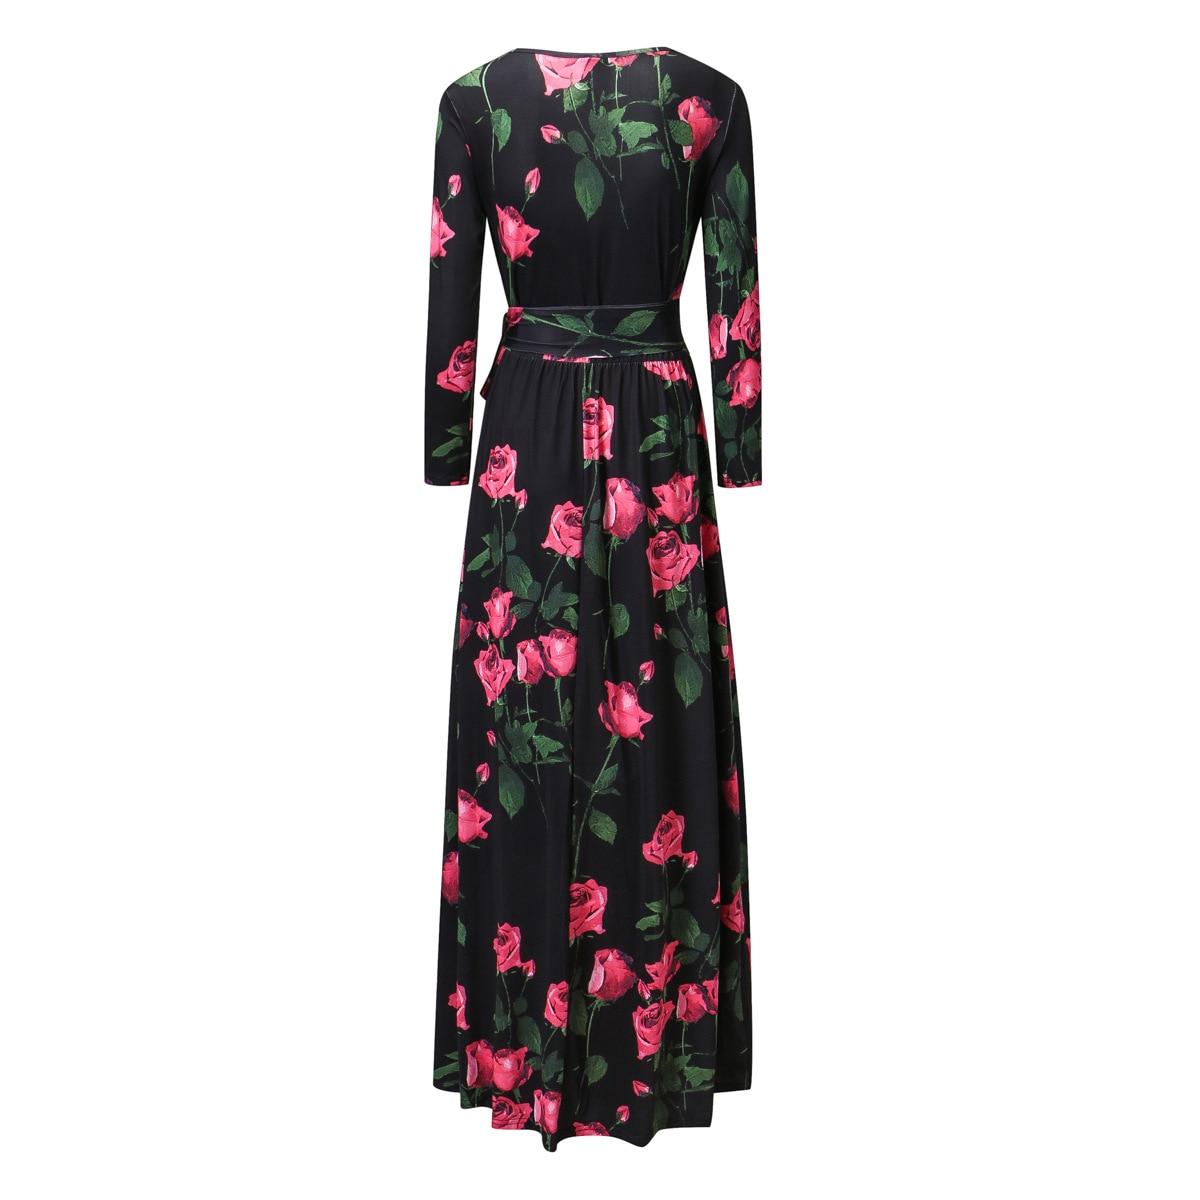 2017 Neue Frühling Frauen Lange Kleid Print Digital Rose Kleider Design Und Farbe 87048 Ruf Zuerst